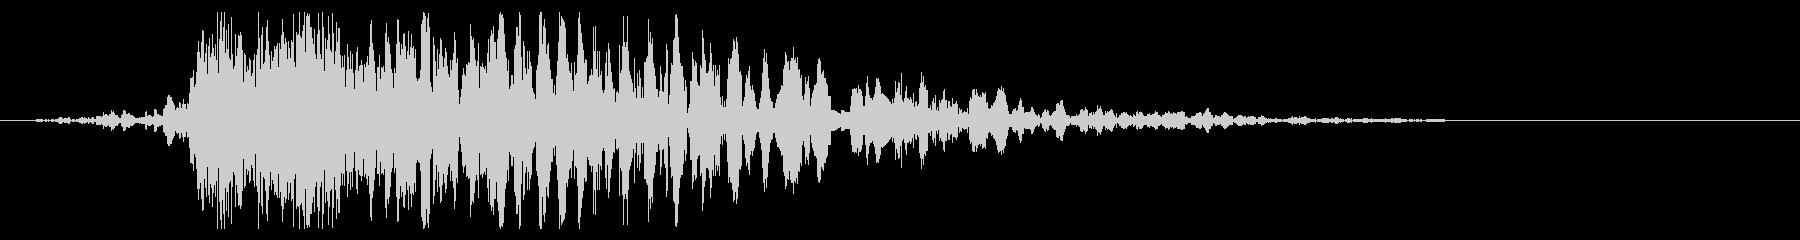 ヘビーロッククランプメタルヒットの未再生の波形